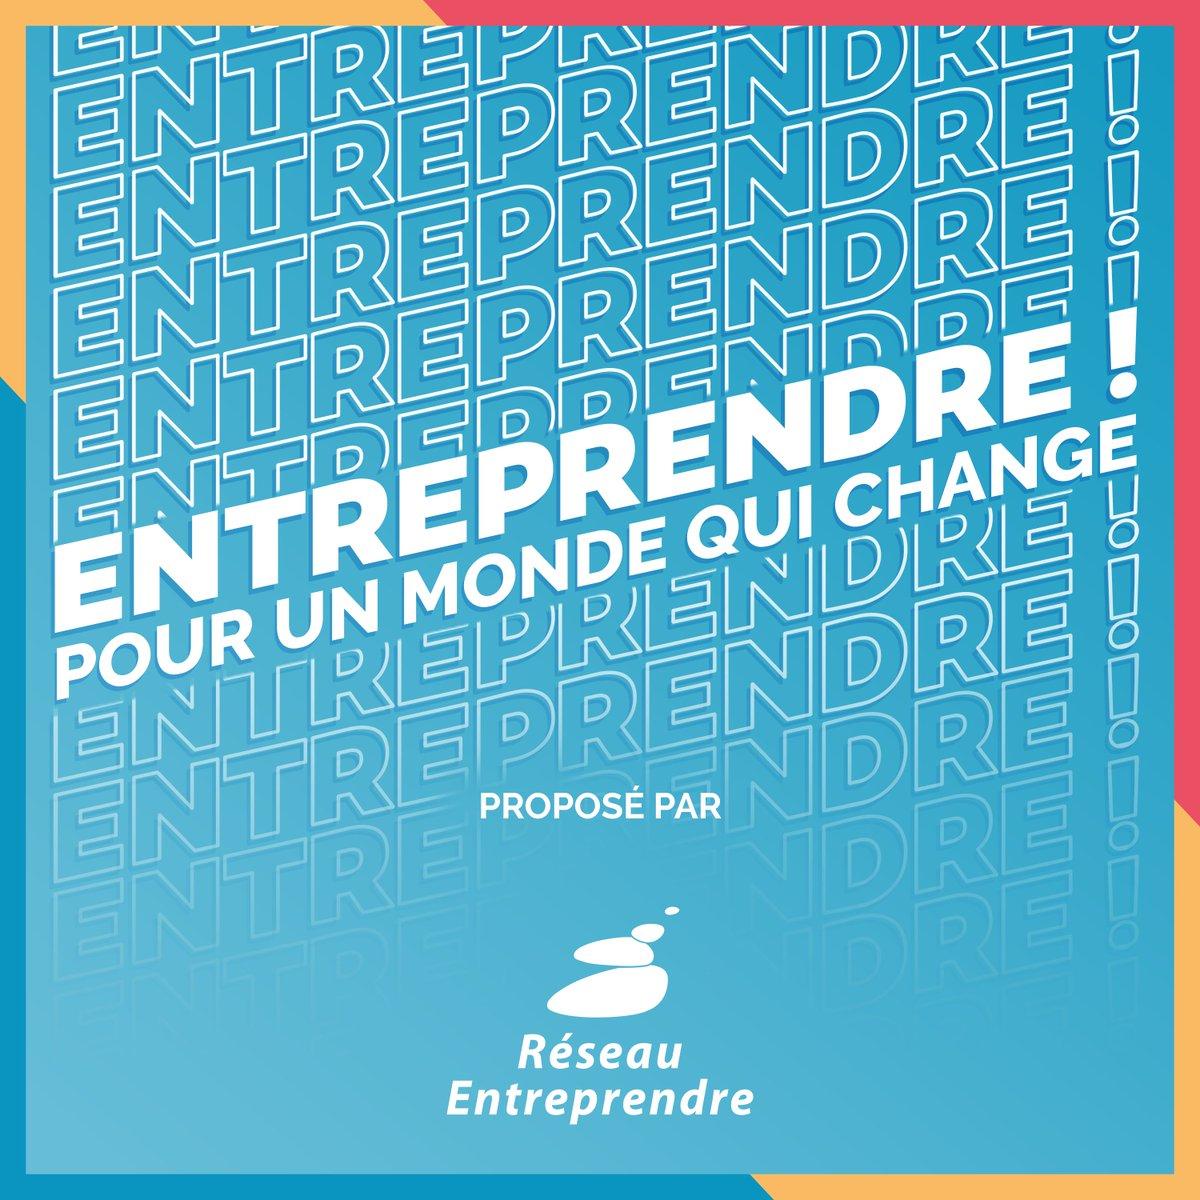 """[Podcast] @RsoEntreprendre lance son #podcast """"Entreprendre Pour Un Monde Qui Change"""". Découvrez en 5 épisodes comment entreprendre en relevant de nouveaux défis. Entrez dans le temps des entreprises à Impact Positif ! 👉  https://t.co/mhoNyU5BUG 👇  https://t.co/icyjOEUVpI https://t.co/6D7tJuVgNz"""